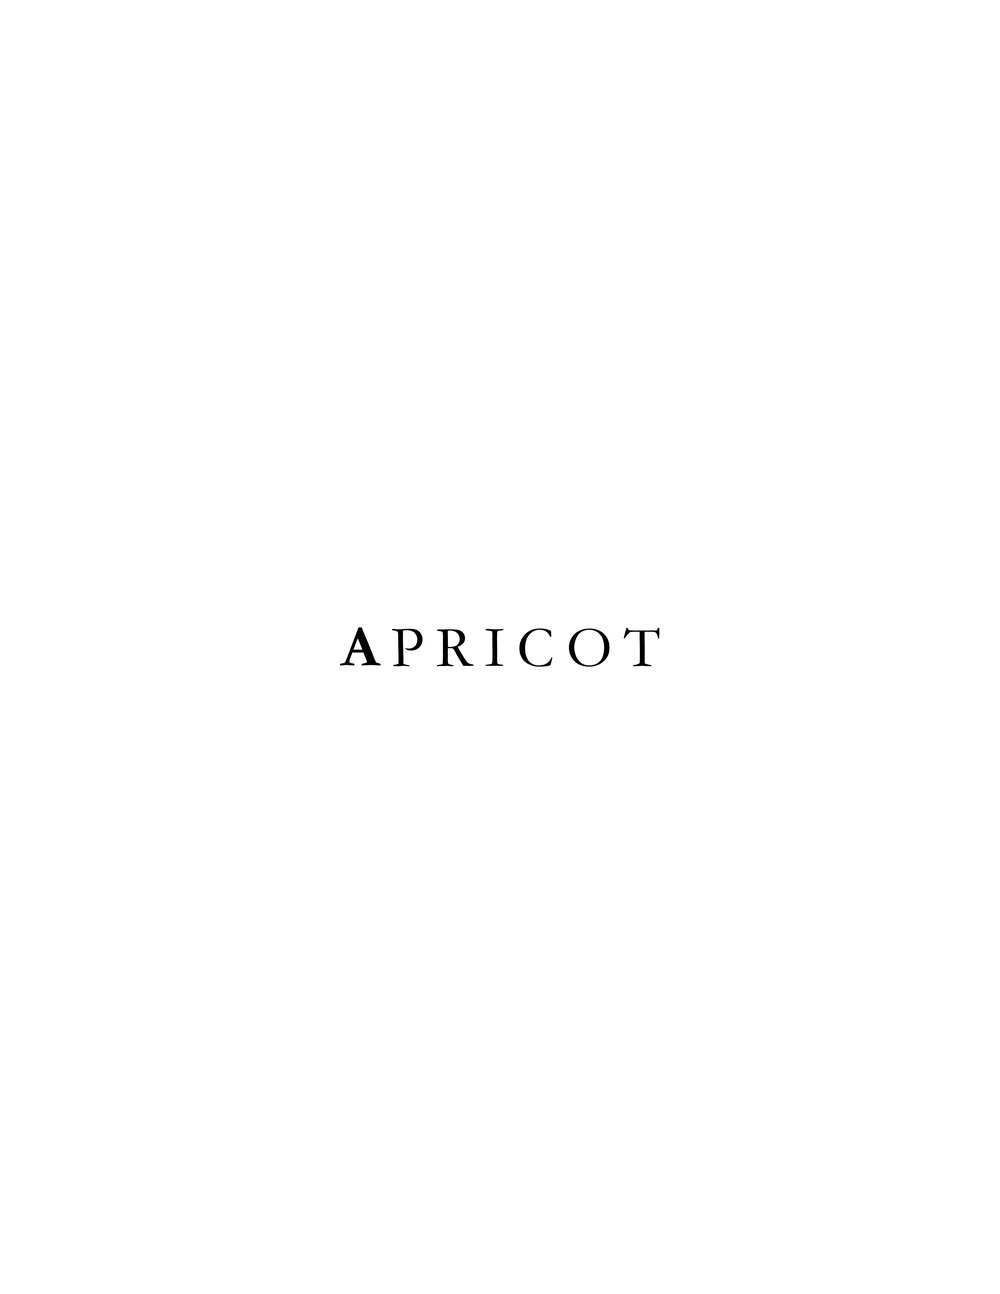 Apricot (1).jpg